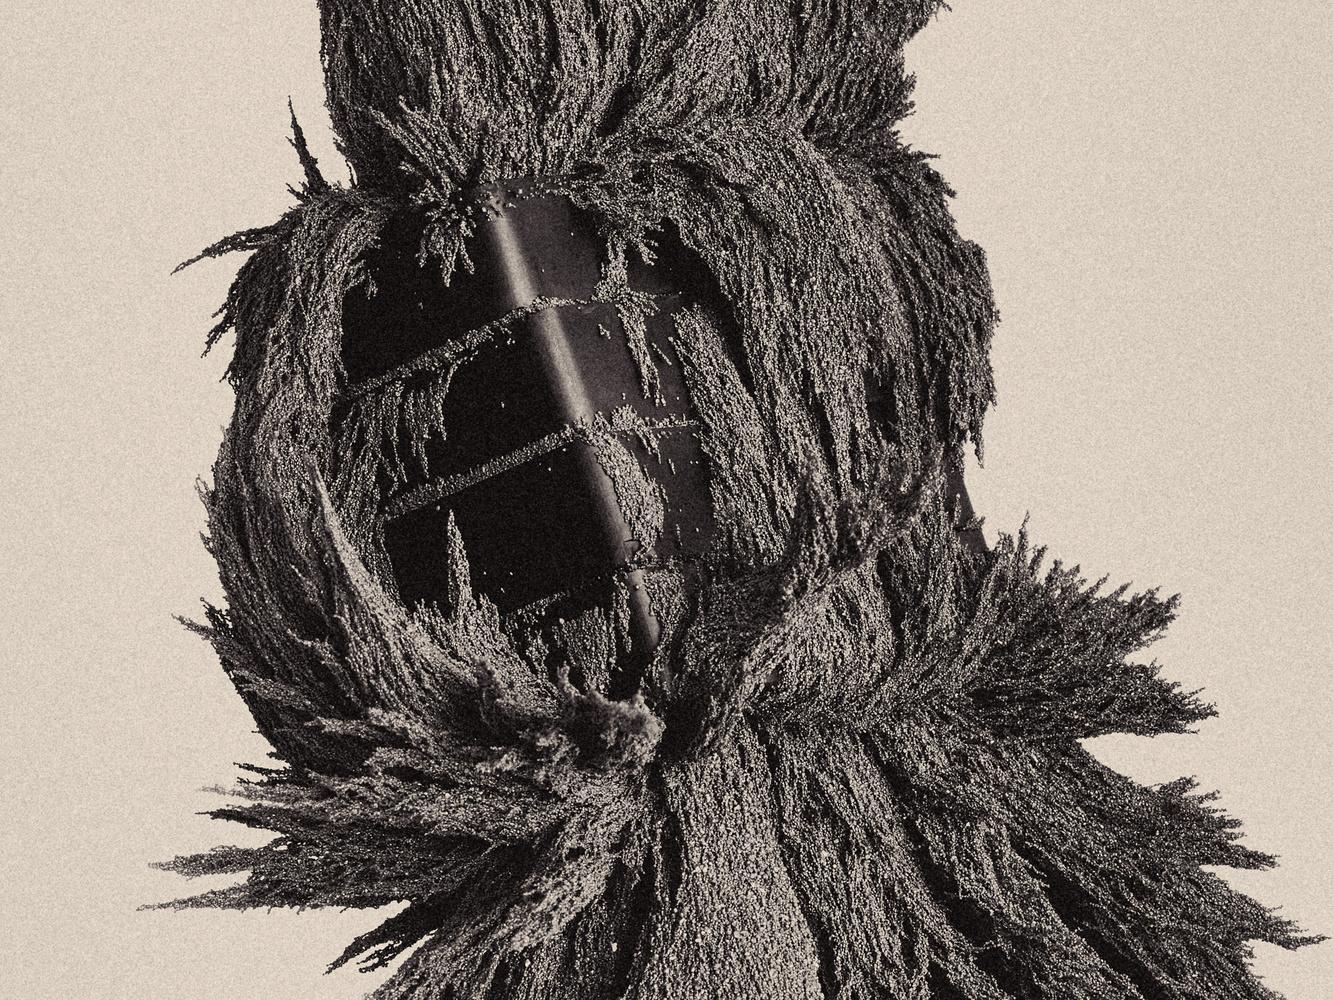 Dark Matter - Detail by Zac Henderson